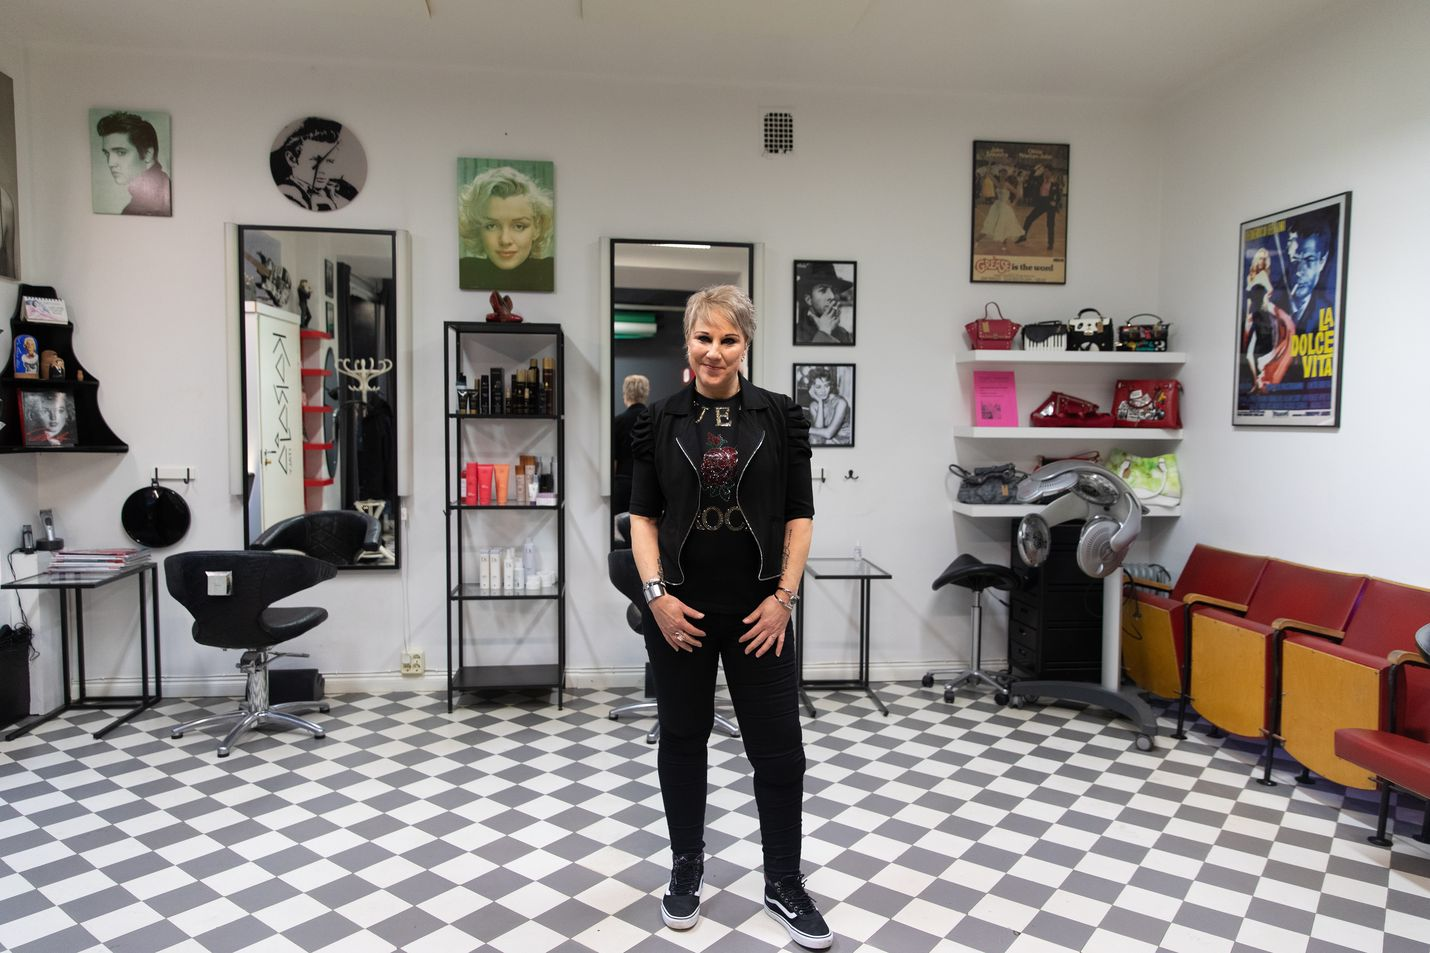 Viime vuonna meikkitaiteilija, kampaaja Marja Brink teki kollegansa kanssa Studio Marilynissa seitsemän kampausta ja meikkausta Linnan juhliin.